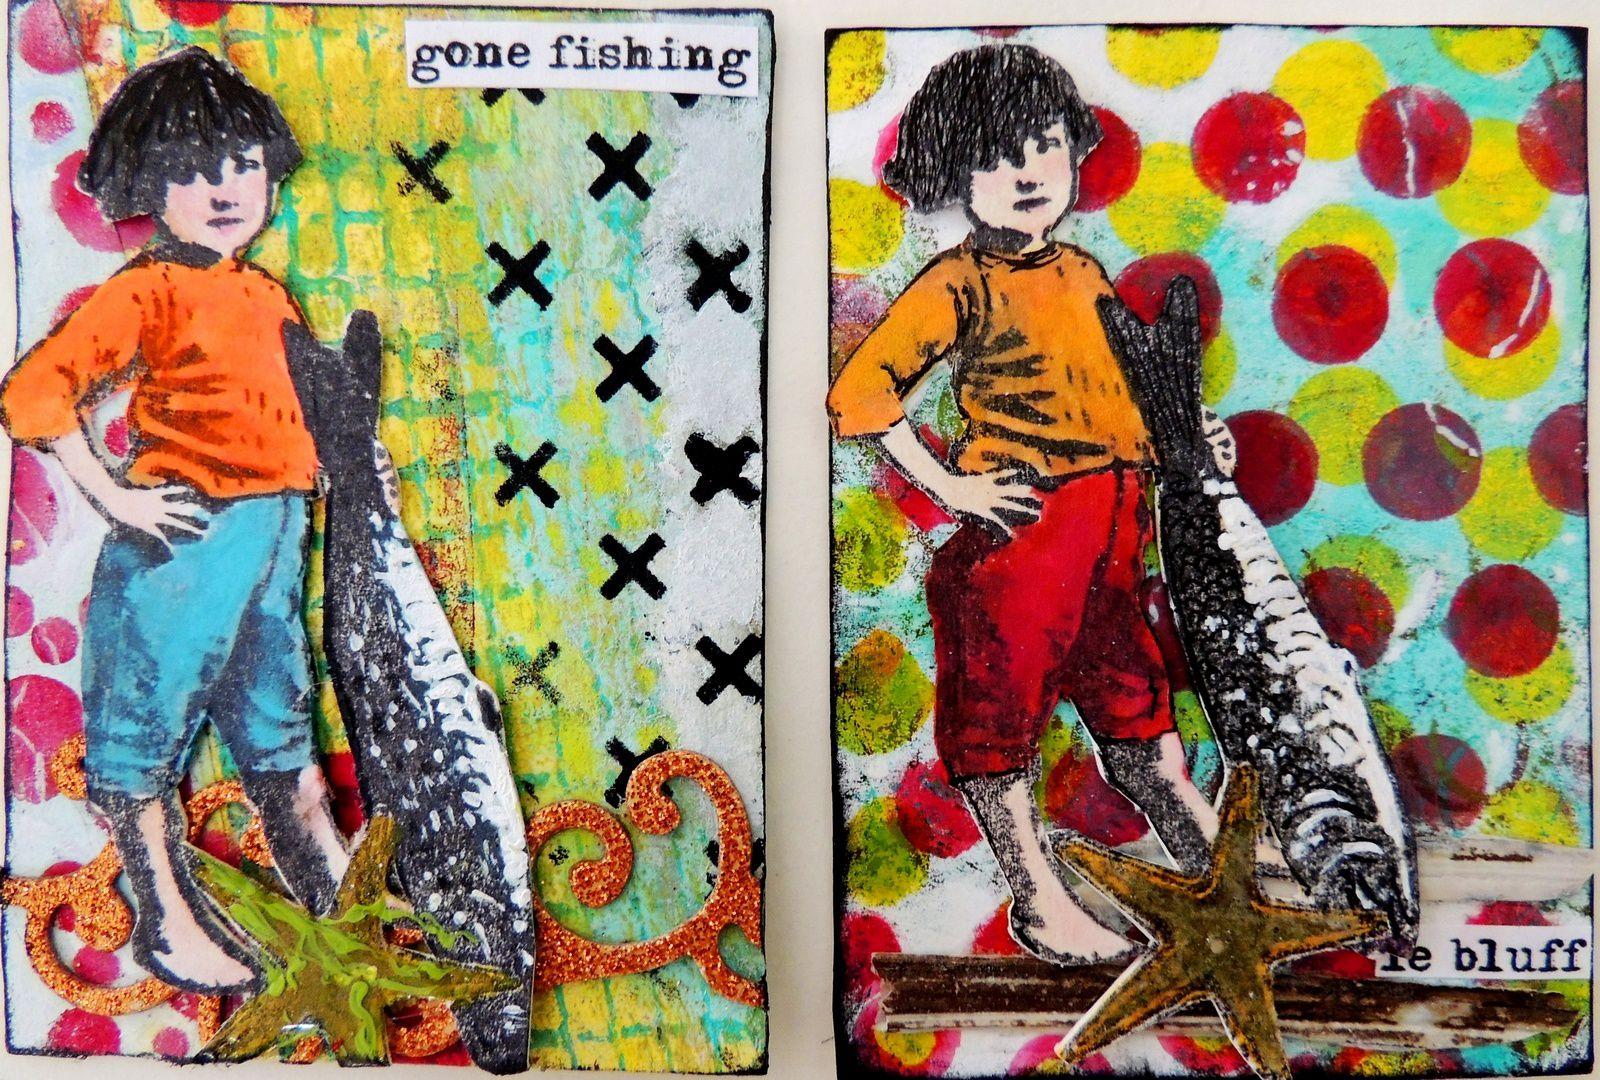 La pêche! - Go fish!